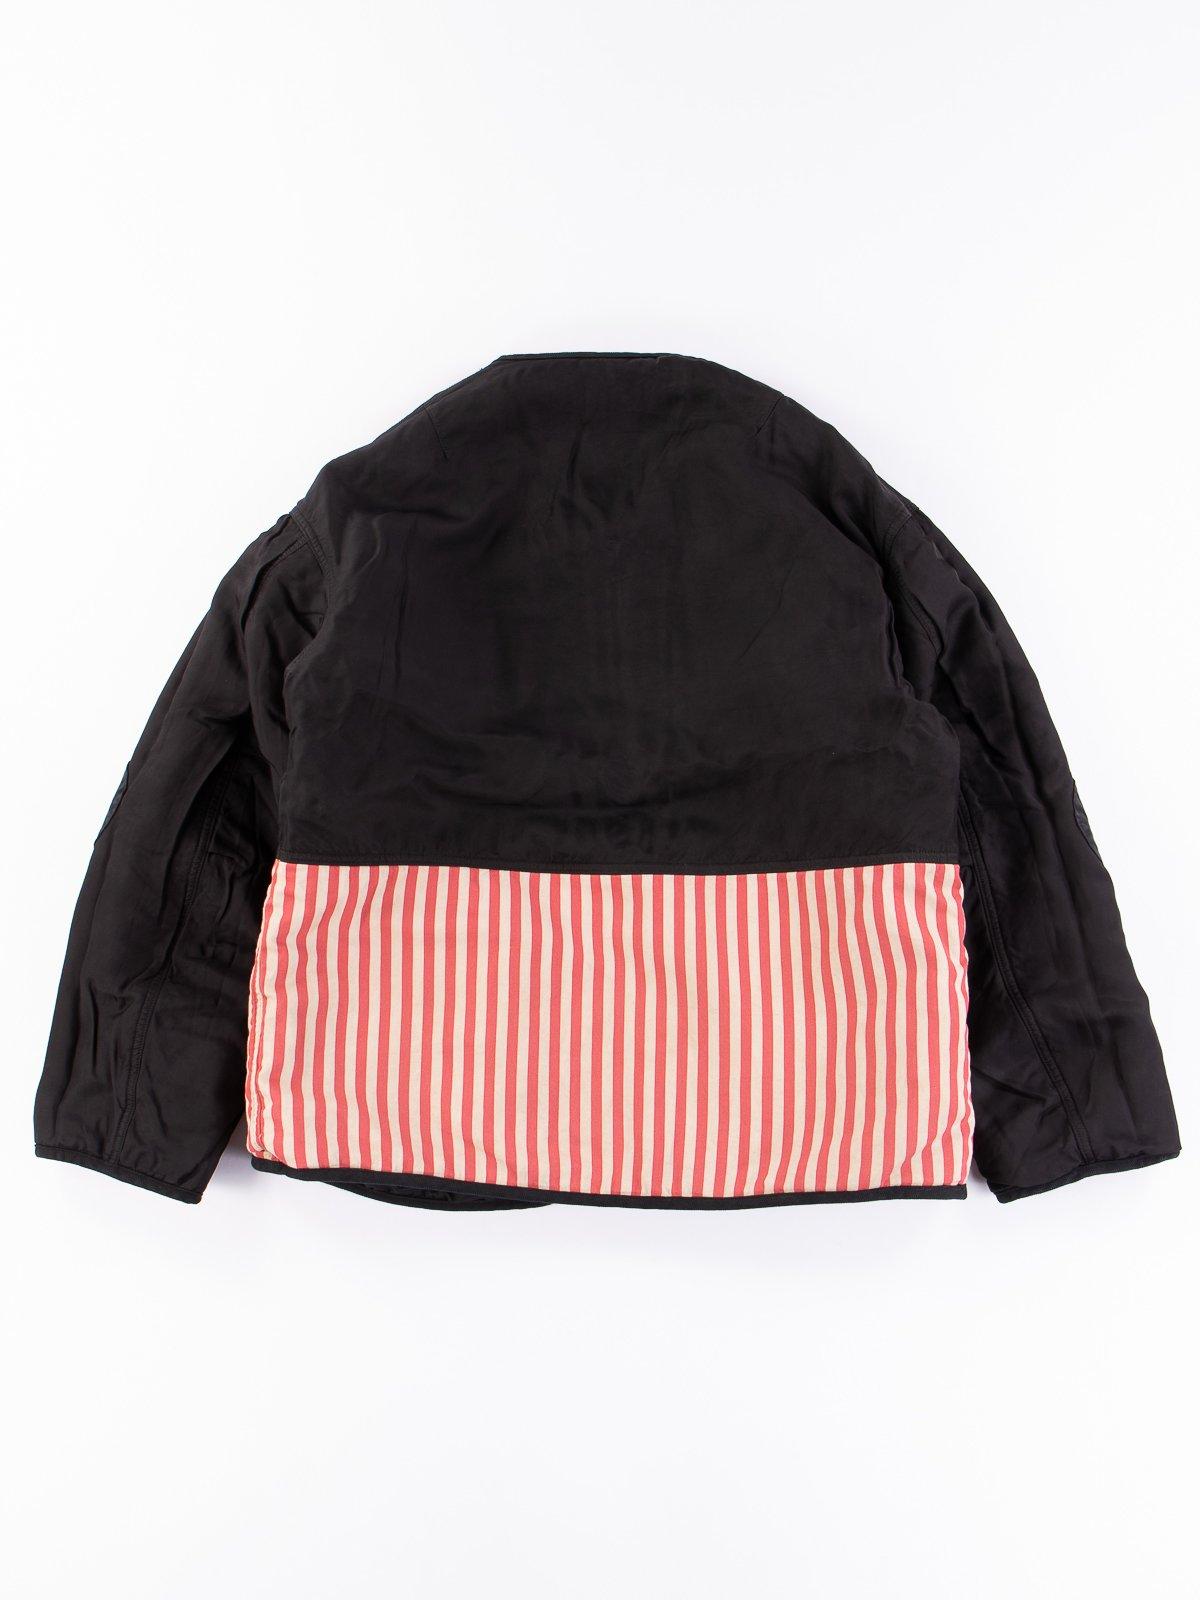 Black Iris Liner Jacket - Image 8